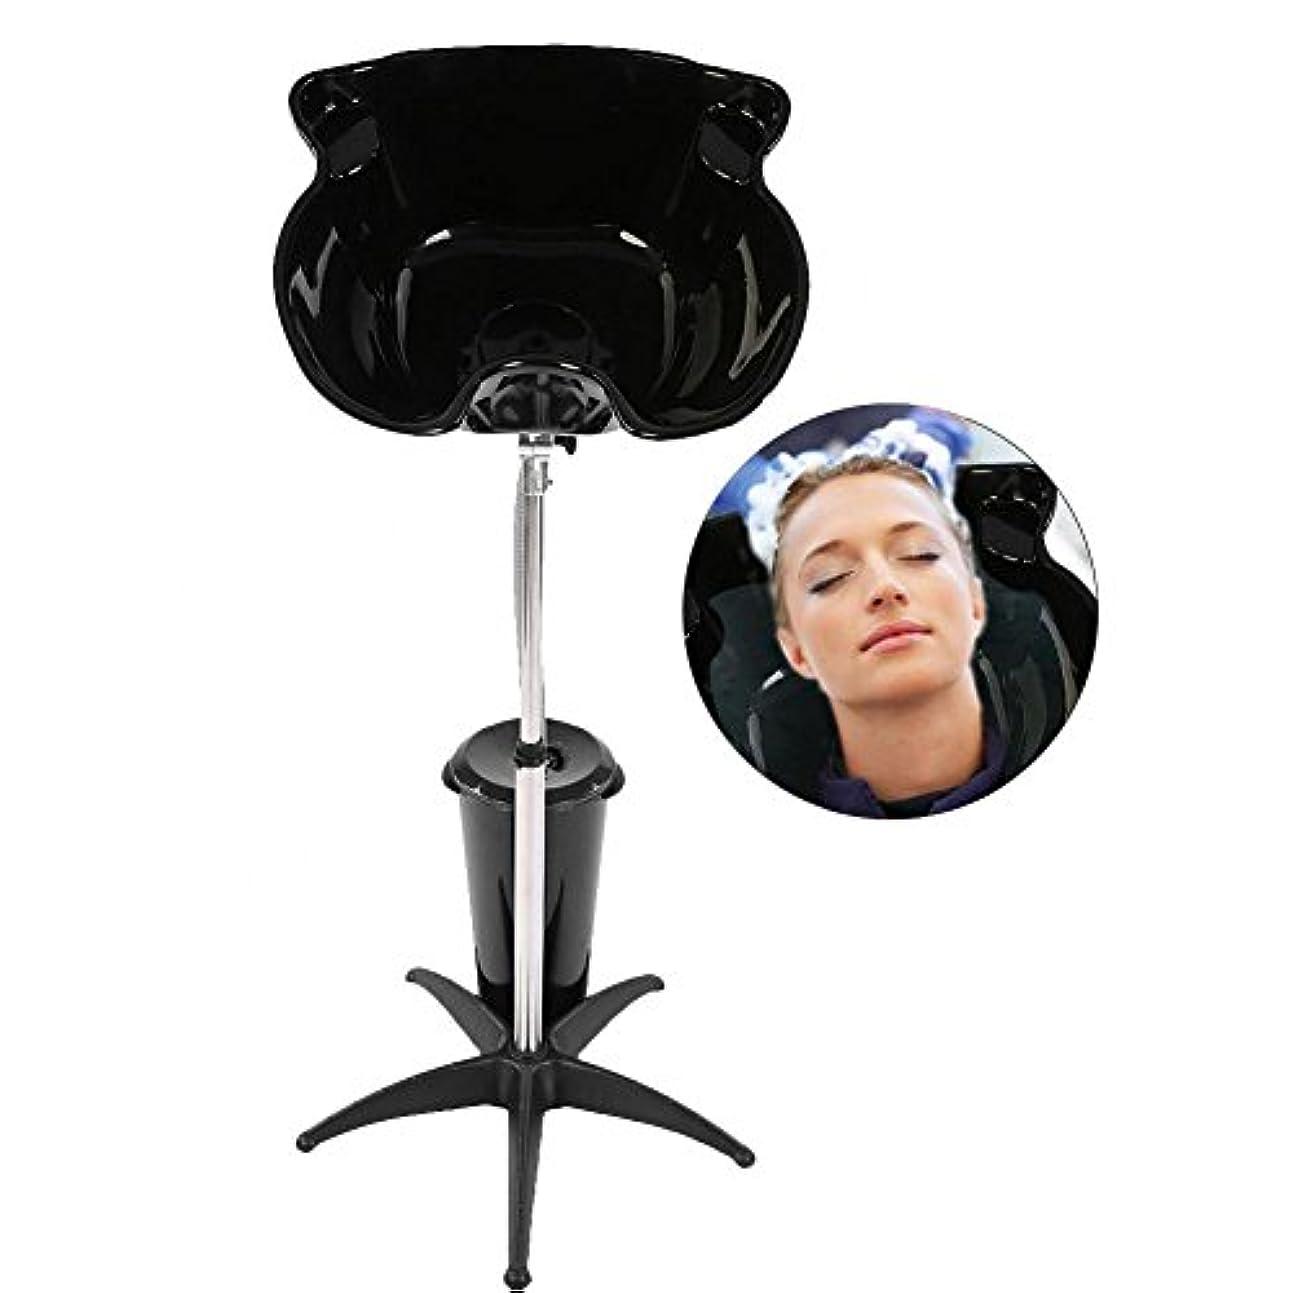 病者シットコムボーナス水切り付き洗面器、高さ調節可能ステンレススチール理髪店のシンク